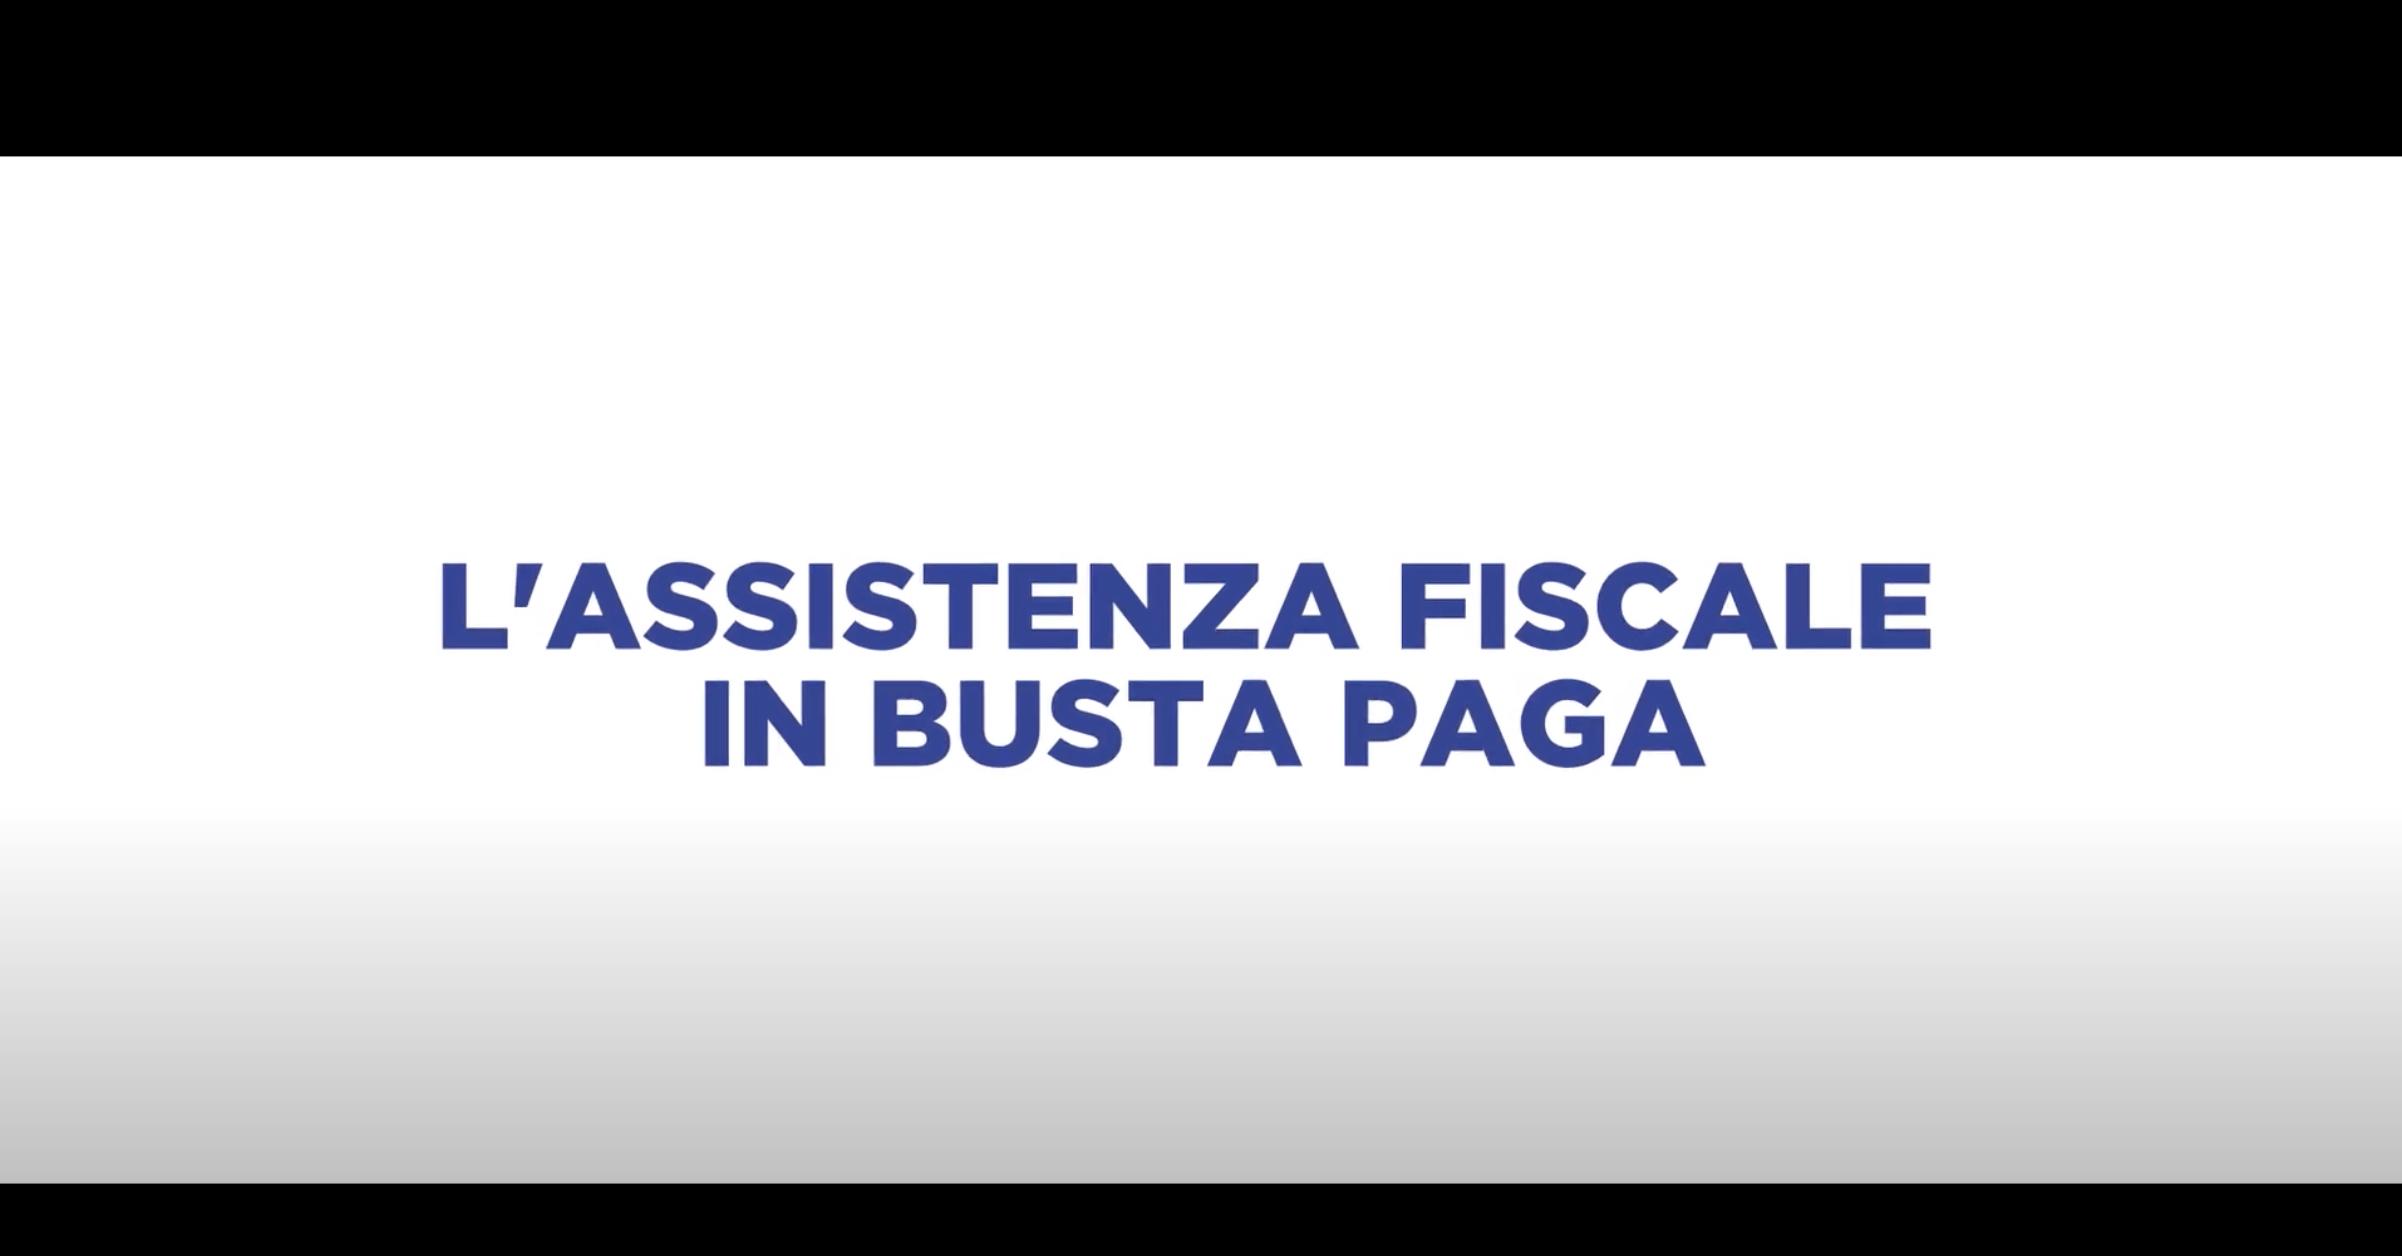 L'ASSISTENZA FISCALE IN BUSTA PAGA